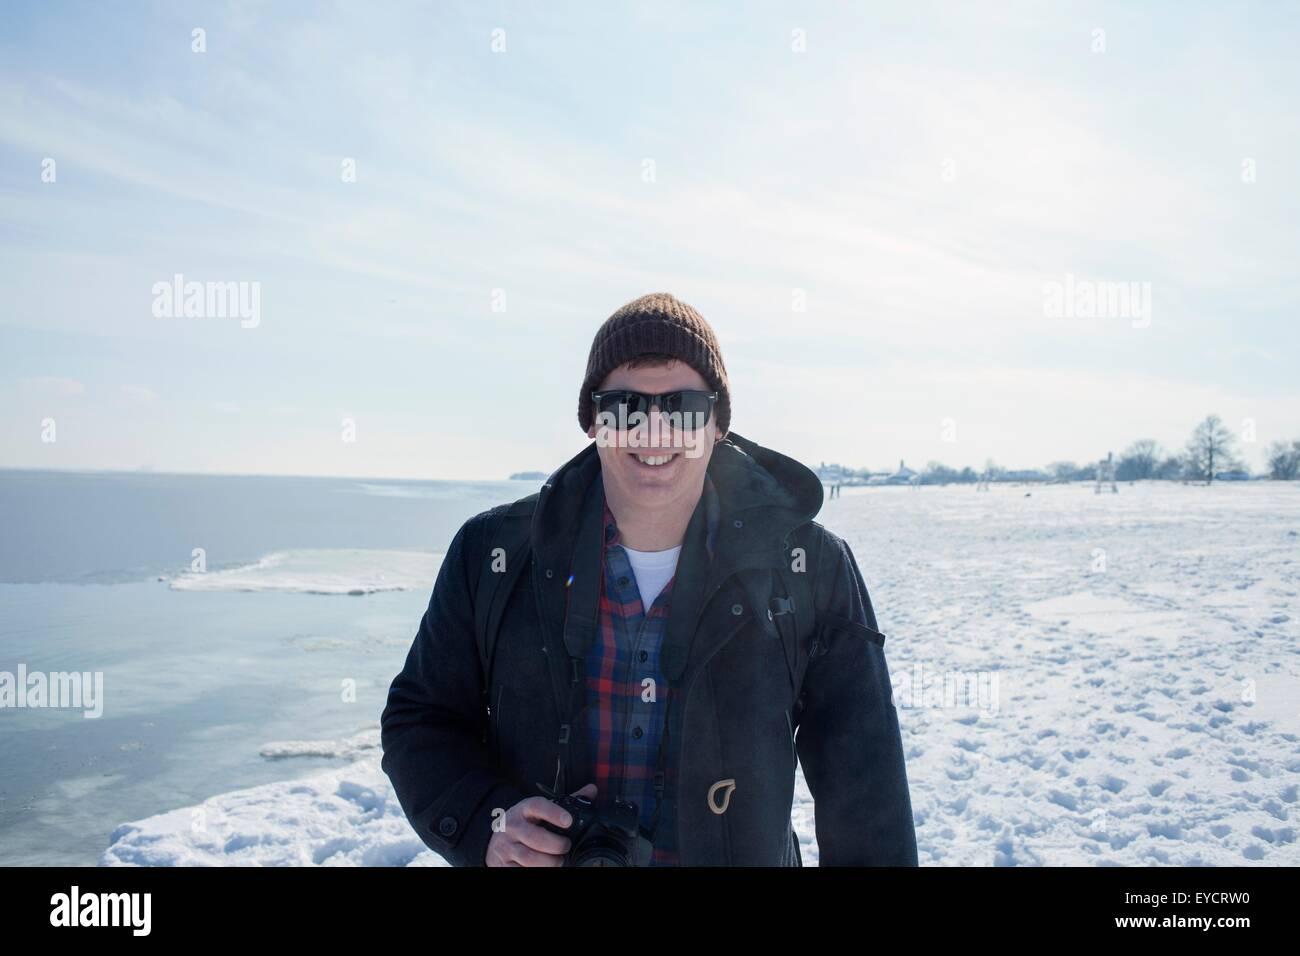 Retrato de un hombre adulto medio contra el telón de fondo nevado Imagen De Stock